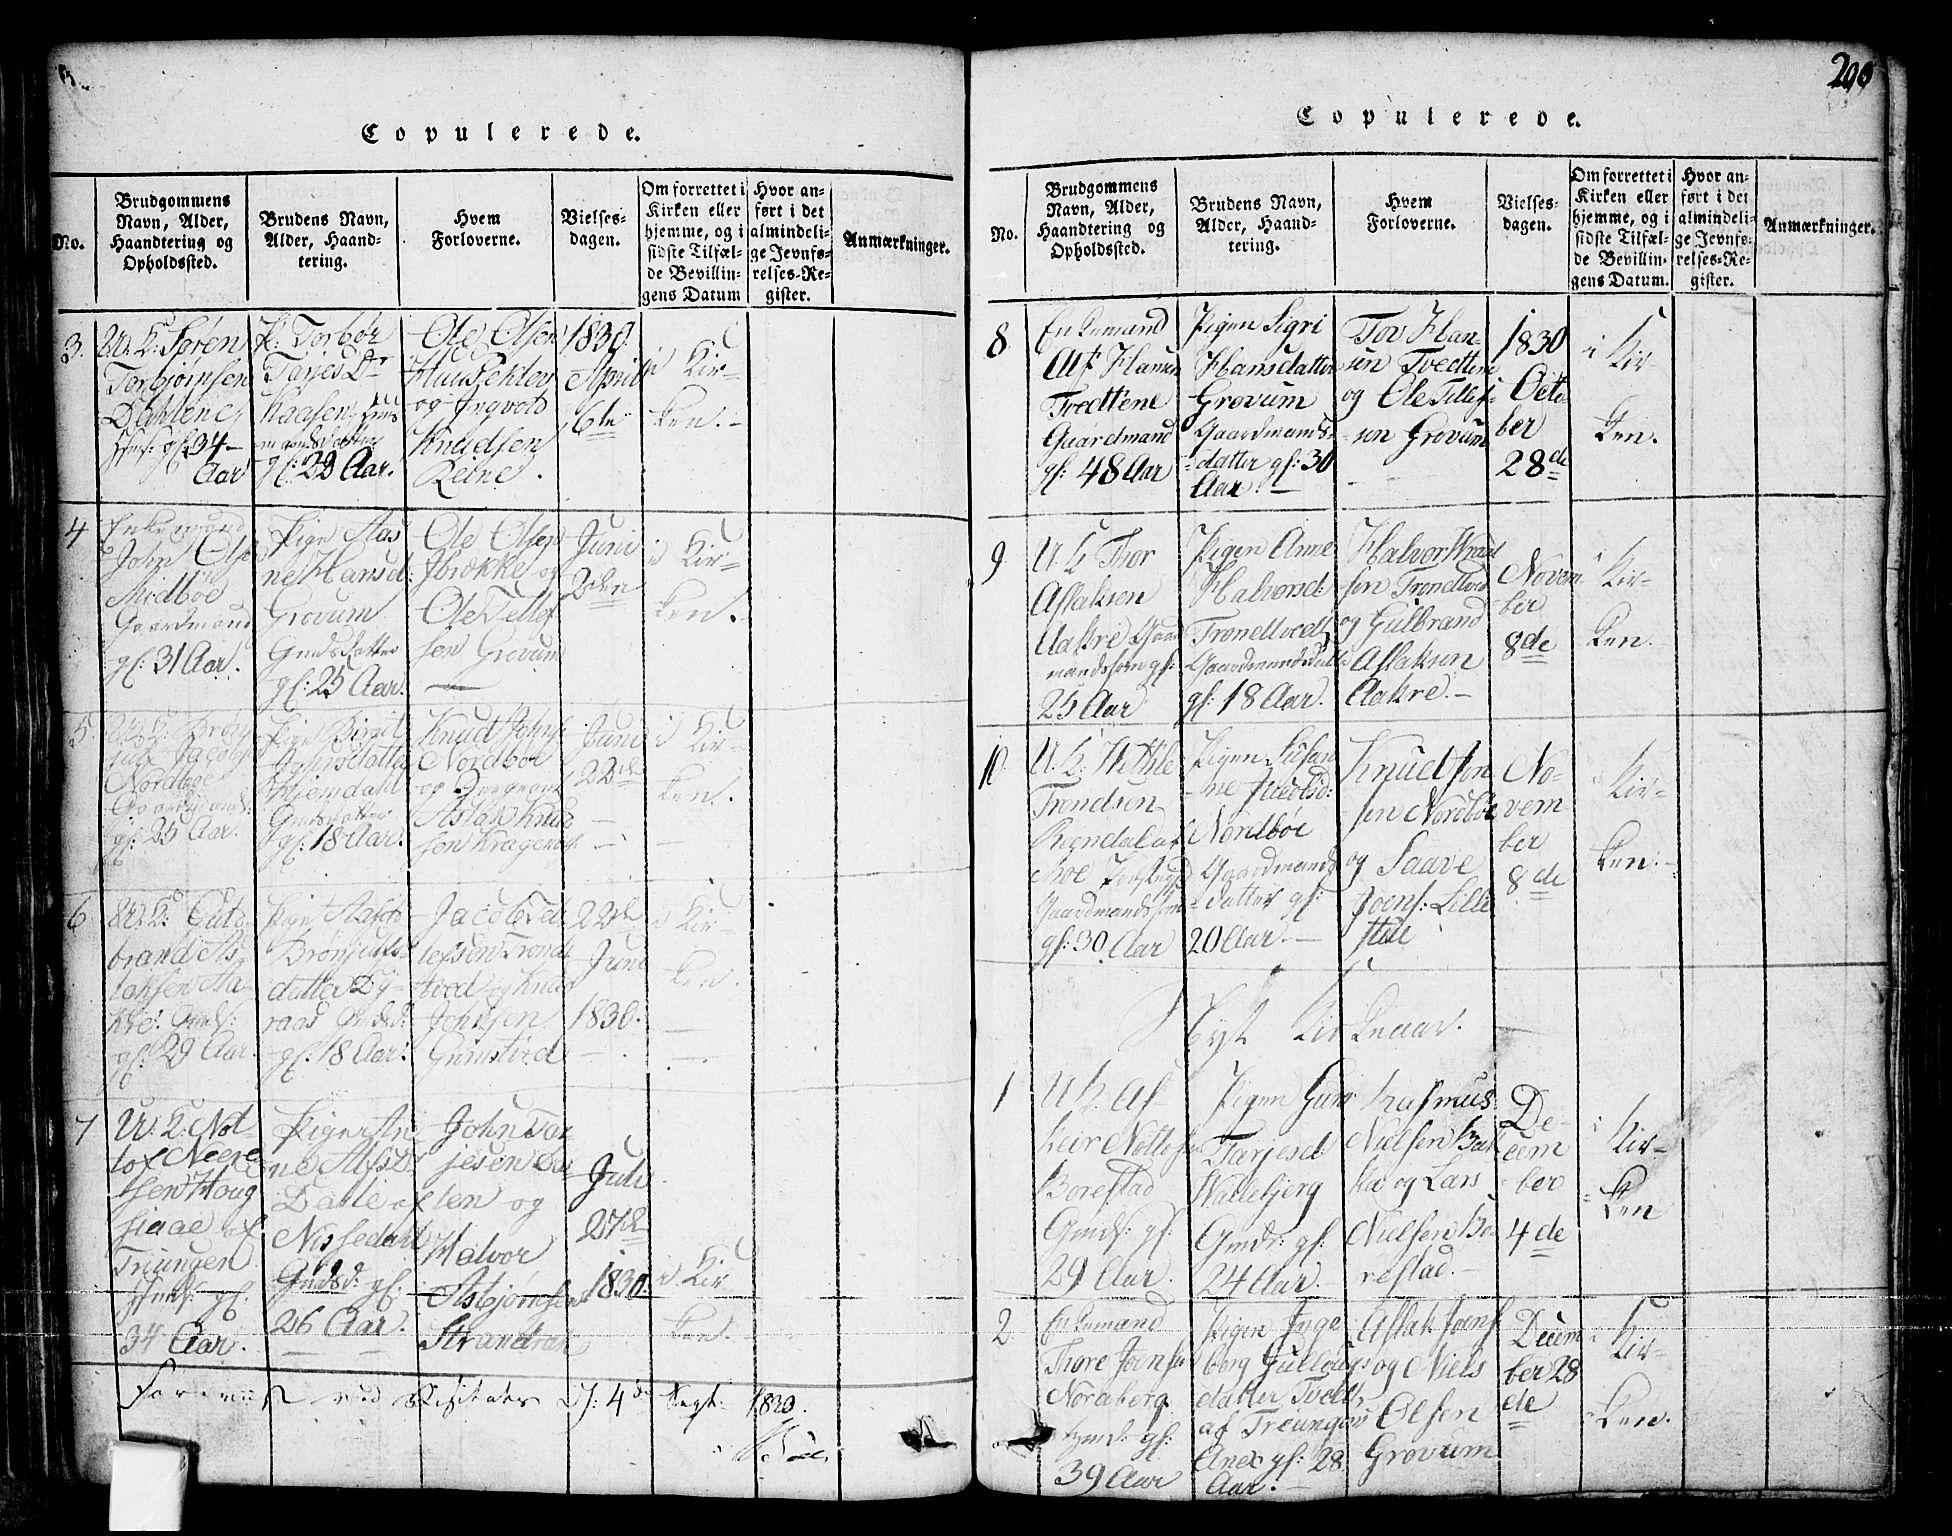 SAKO, Nissedal kirkebøker, G/Ga/L0001: Klokkerbok nr. I 1, 1814-1860, s. 200